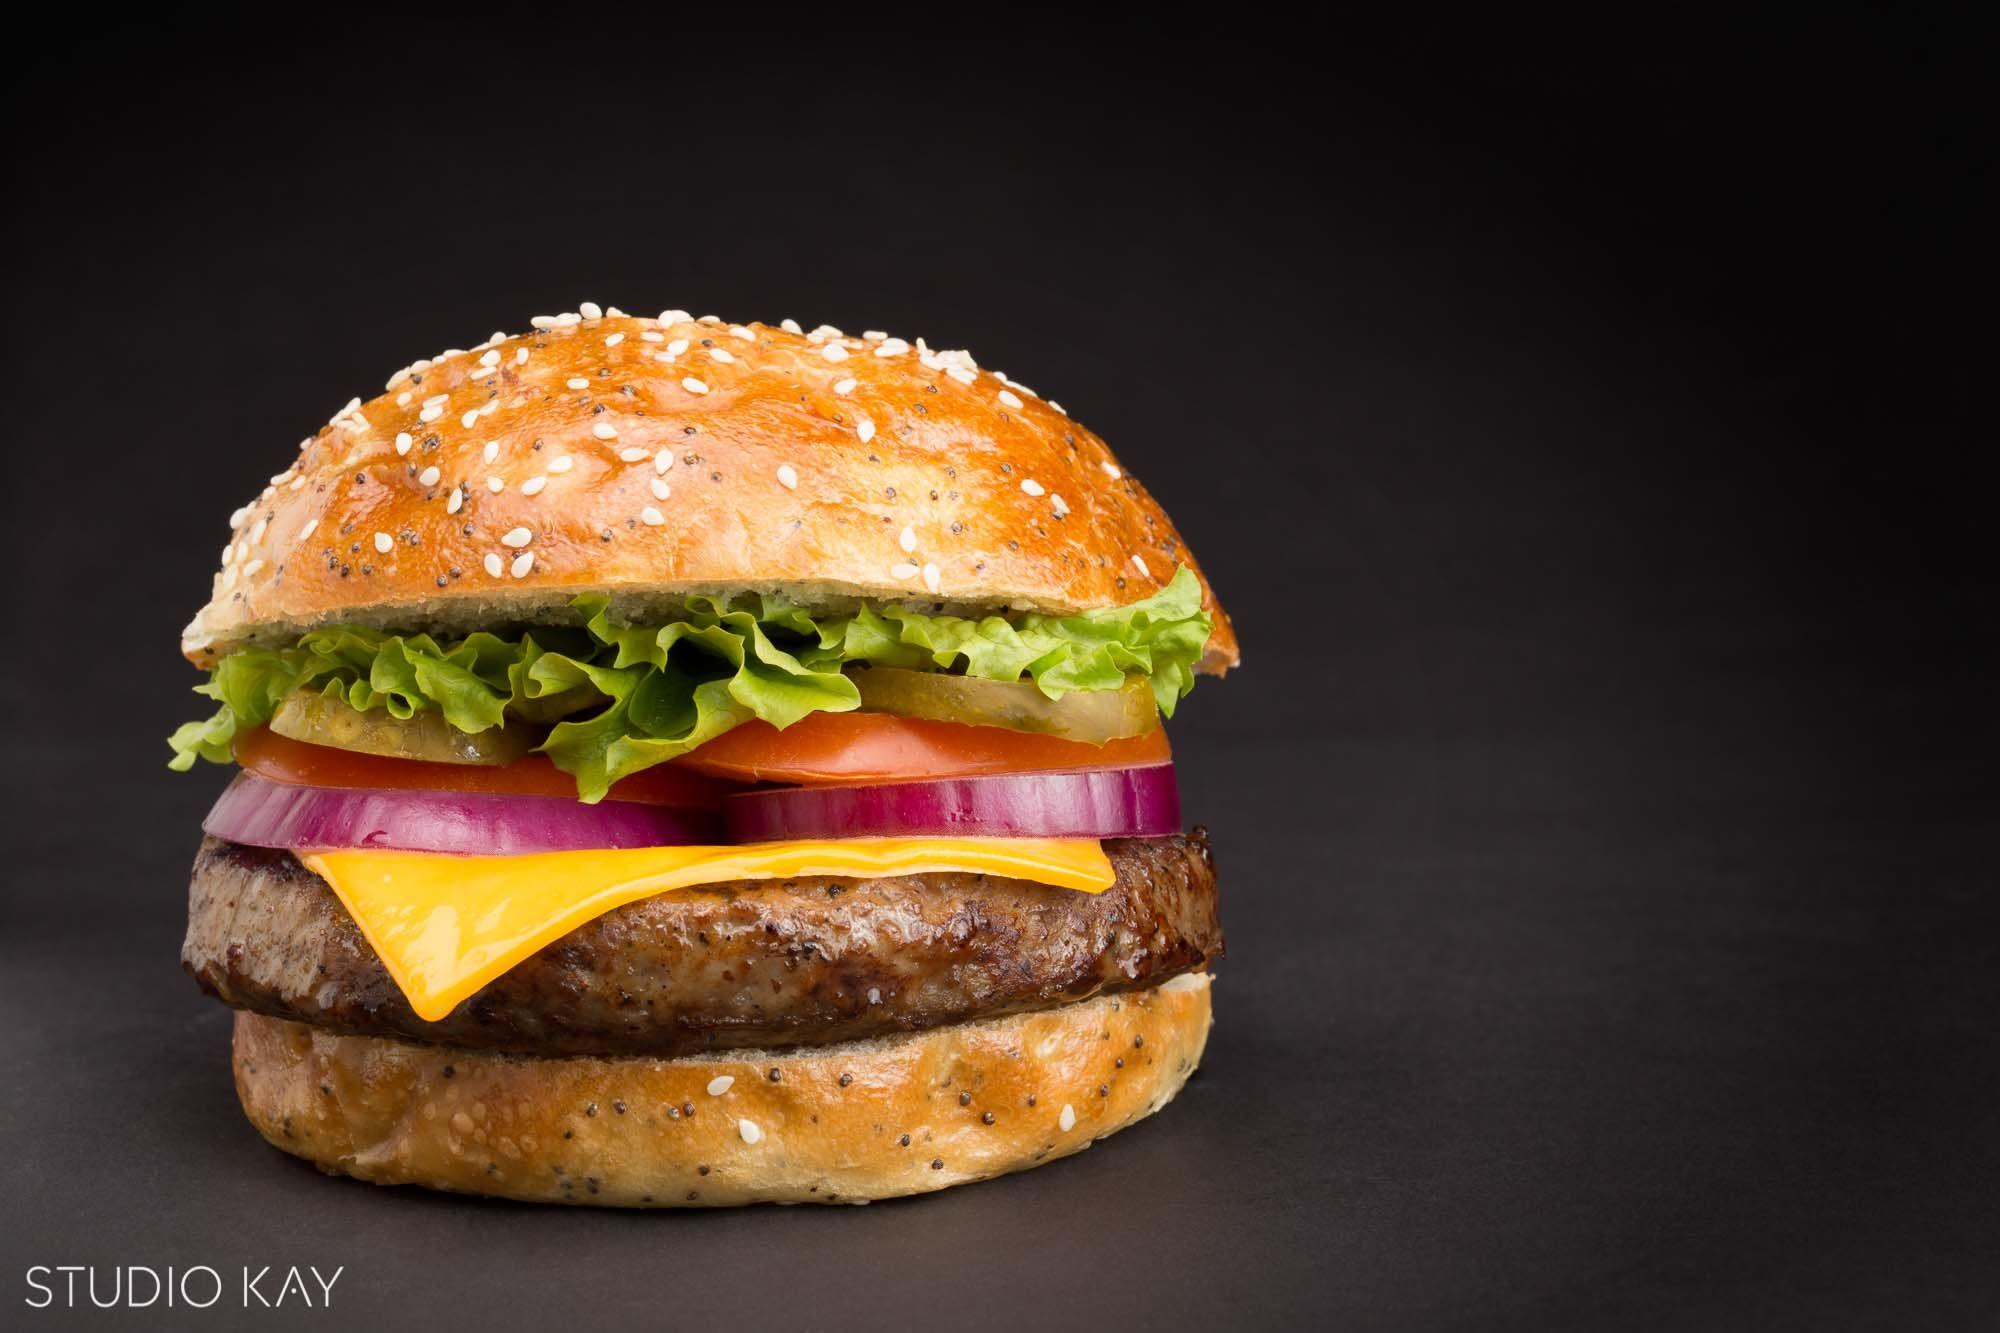 Delicious and beautiful hamburger photography | Studio Kay ...